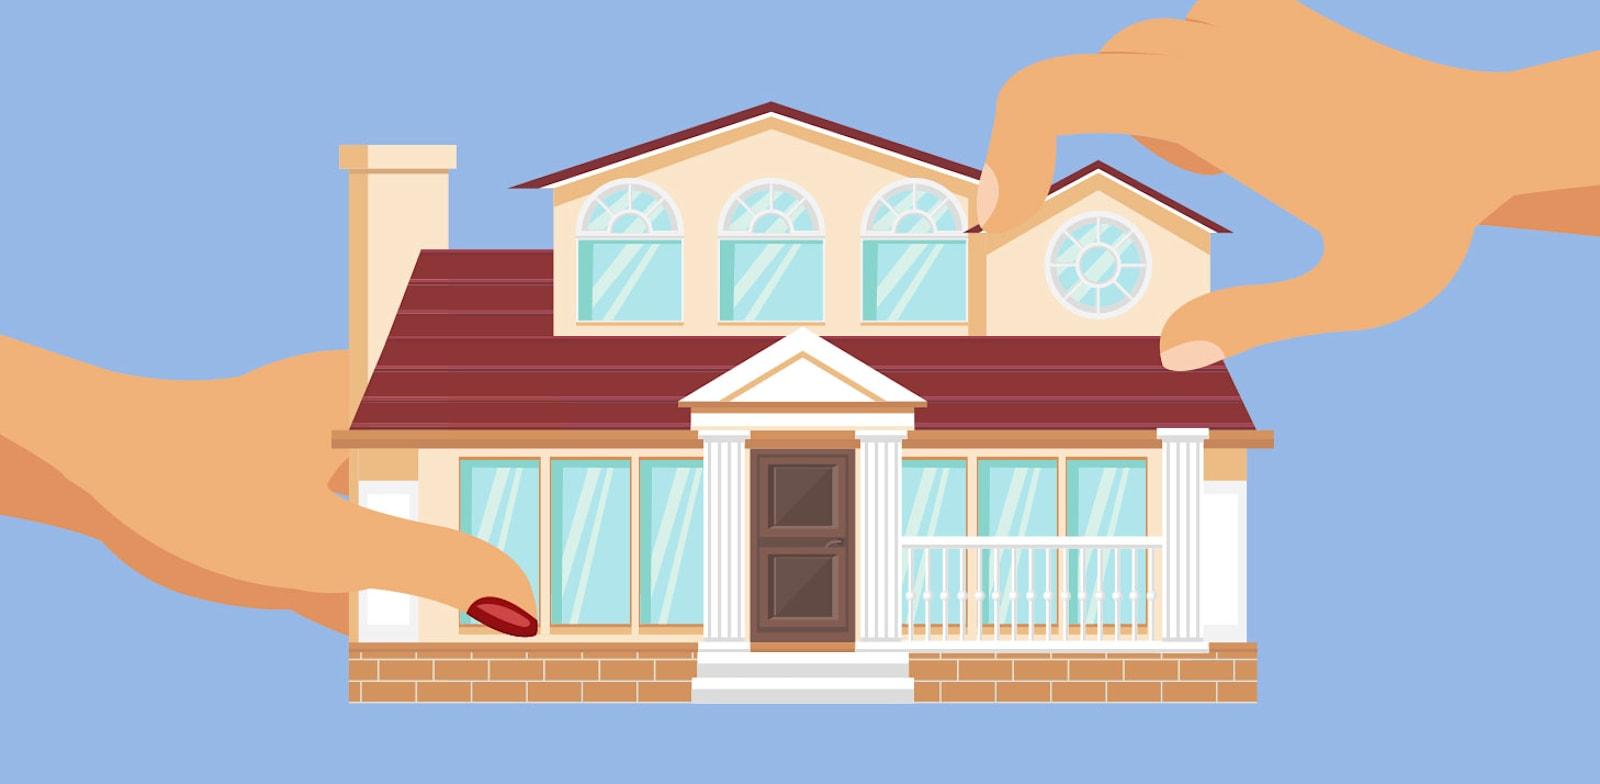 כאשר בני זוג עומדים בפני גירושים, מתעוררות הרבה שאלות סביב דירת המגורים המשותפת / צילום: Shutterstock